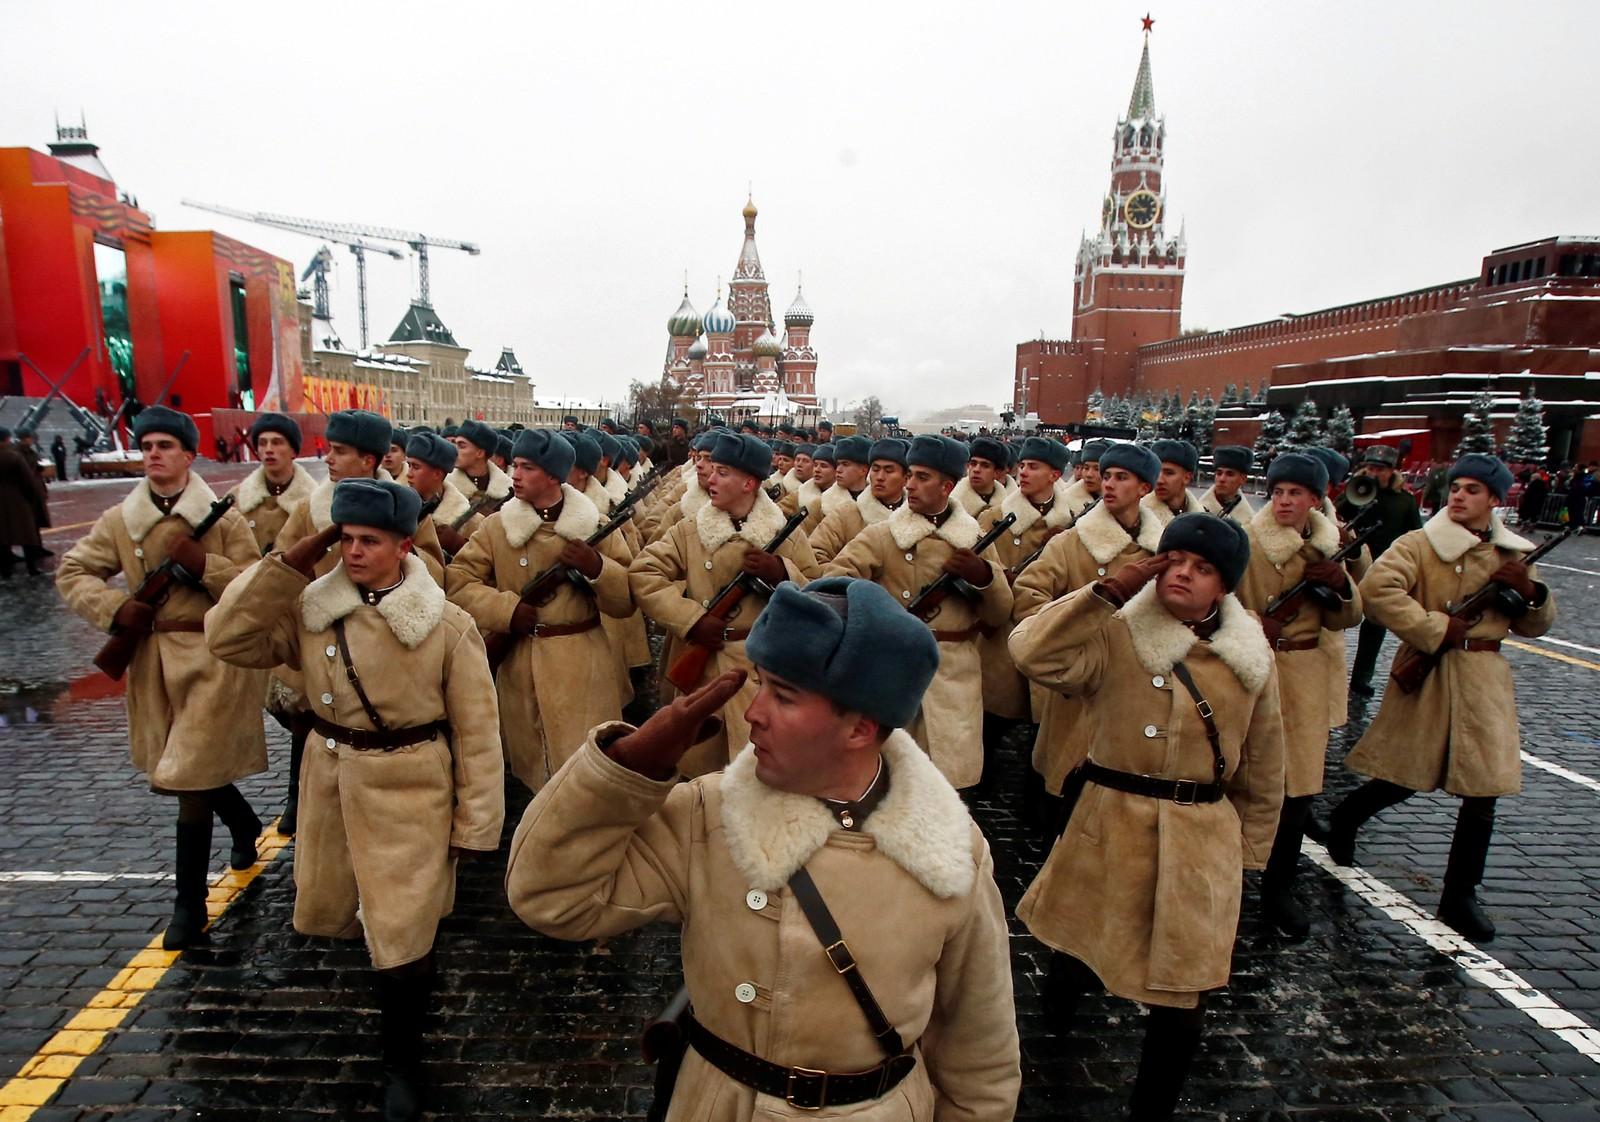 Fem og eit halvt tusen soldatar kledde i uniformar frå 1941 helste krigsveteranar som var møtt fram til markeringa ved Kreml i dag.